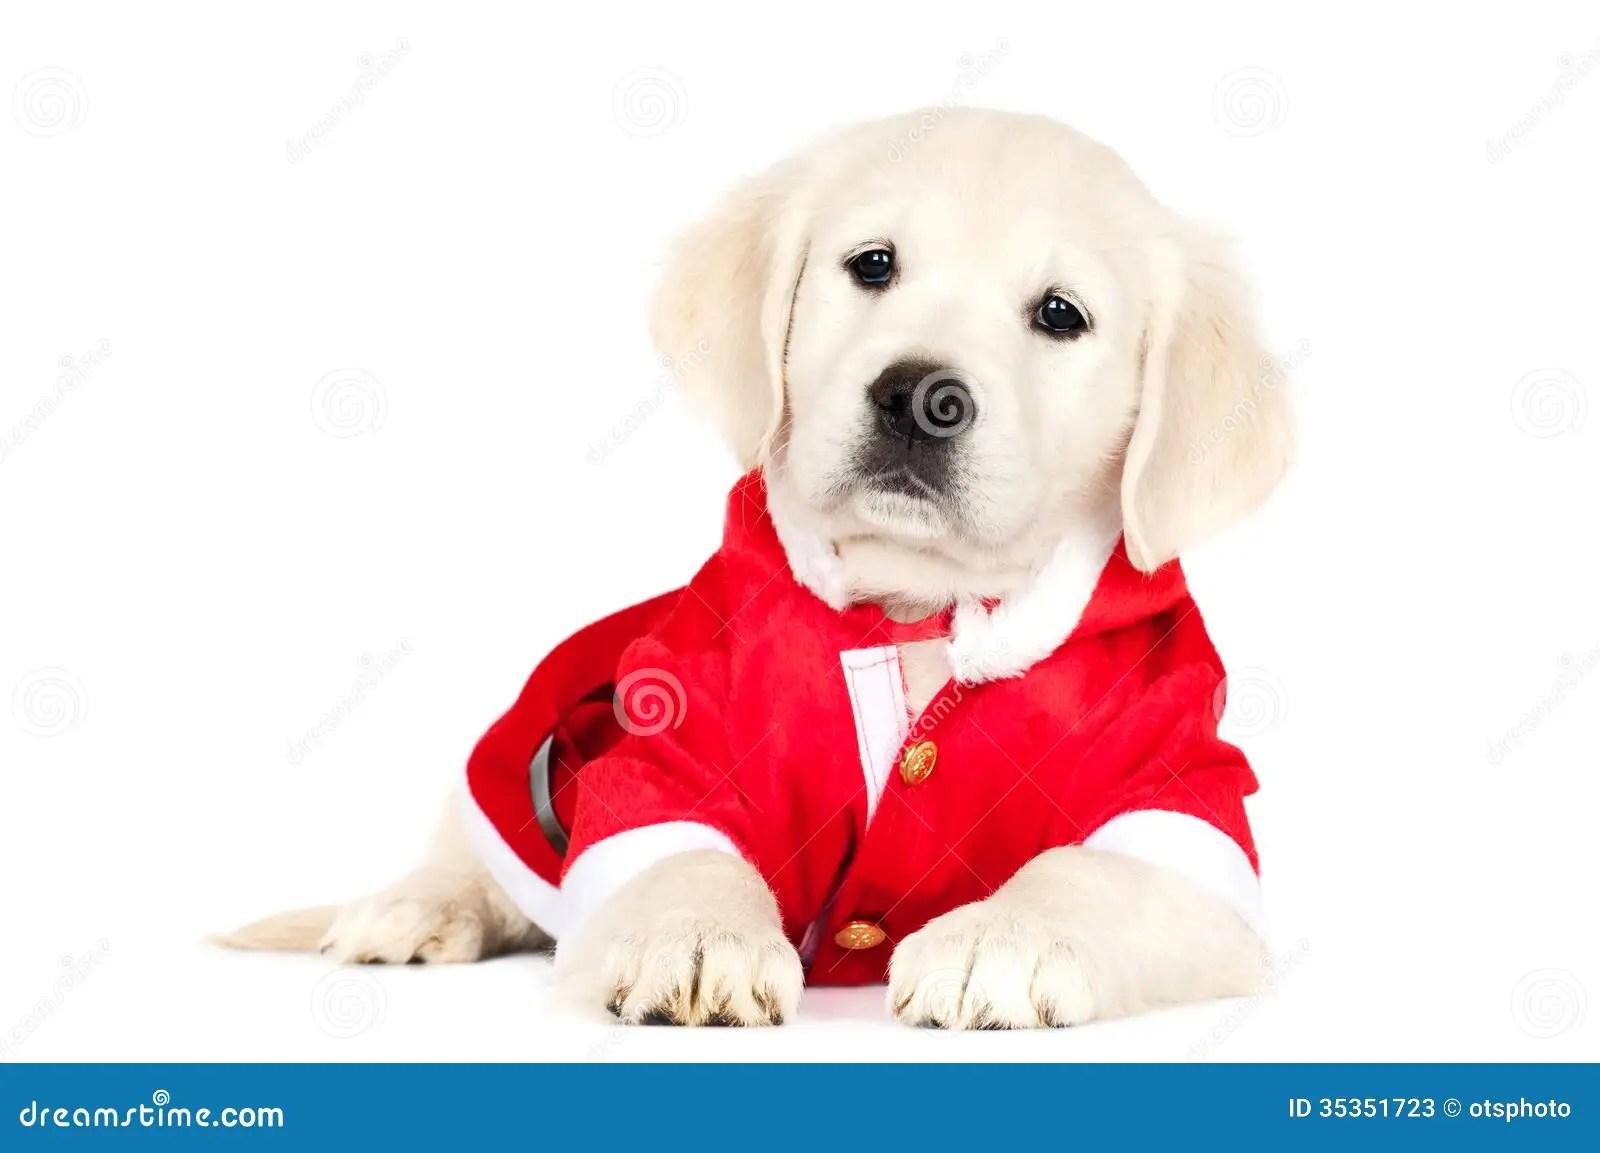 Golden Retriever Puppy In A Santa Costume Stock Photos